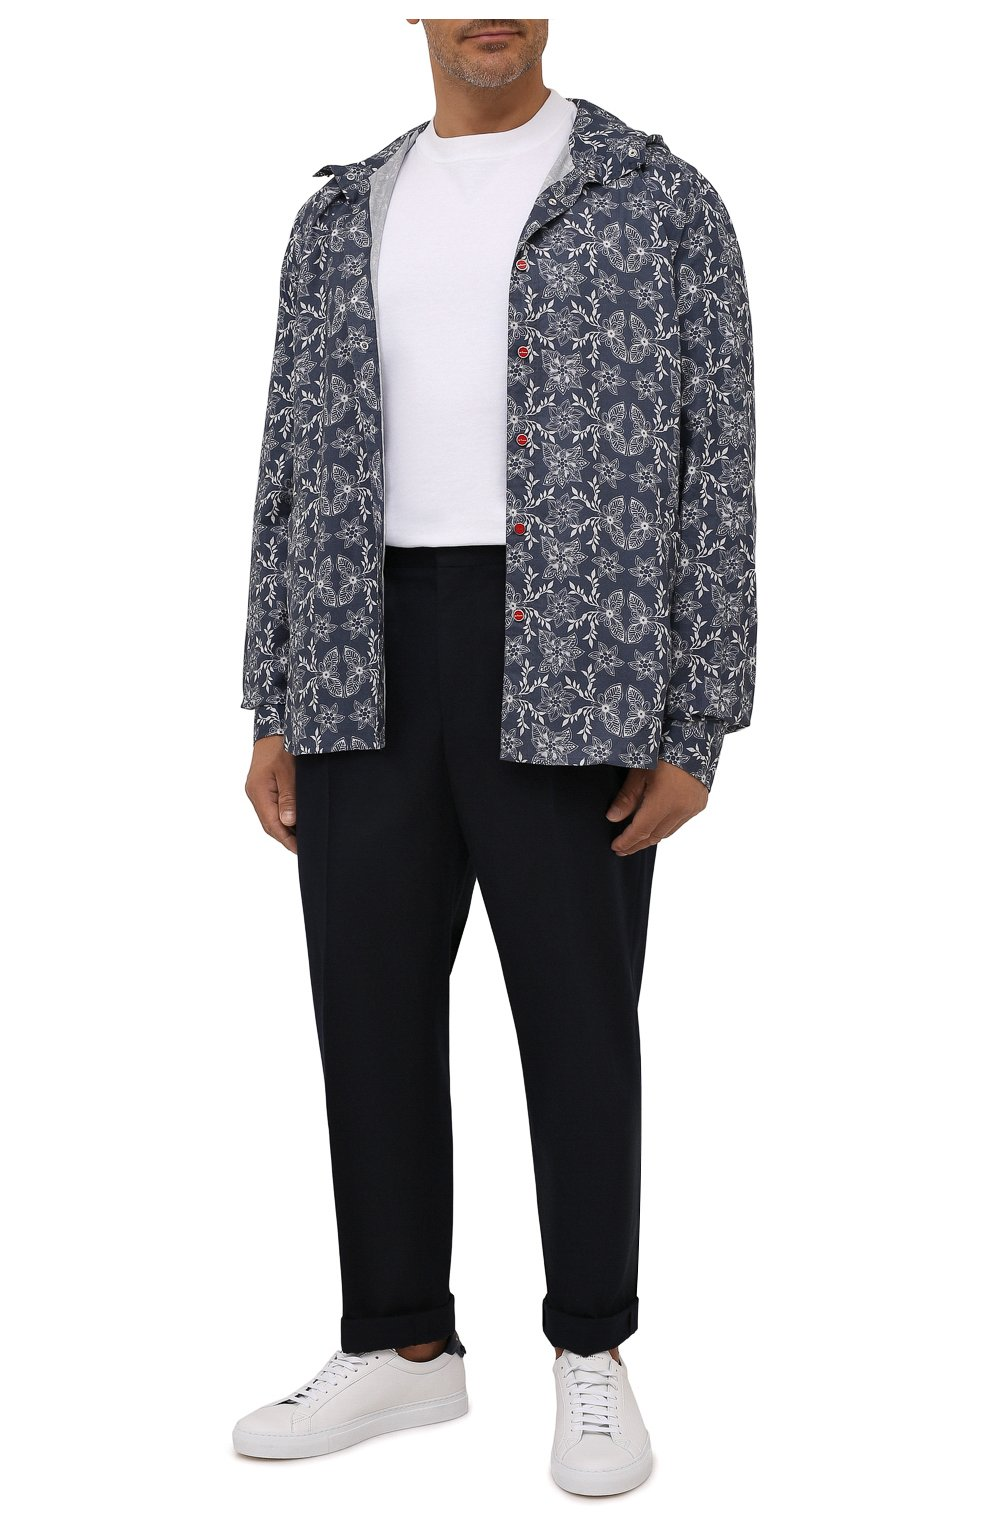 Мужская хлопковая рубашка KITON синего цвета, арт. UMCMARH0784101/47-50   Фото 2 (Воротник: С капюшоном; Рукава: Длинные; Манжеты: На кнопках; Случай: Повседневный; Длина (для топов): Стандартные; Принт: С принтом; Материал внешний: Хлопок)